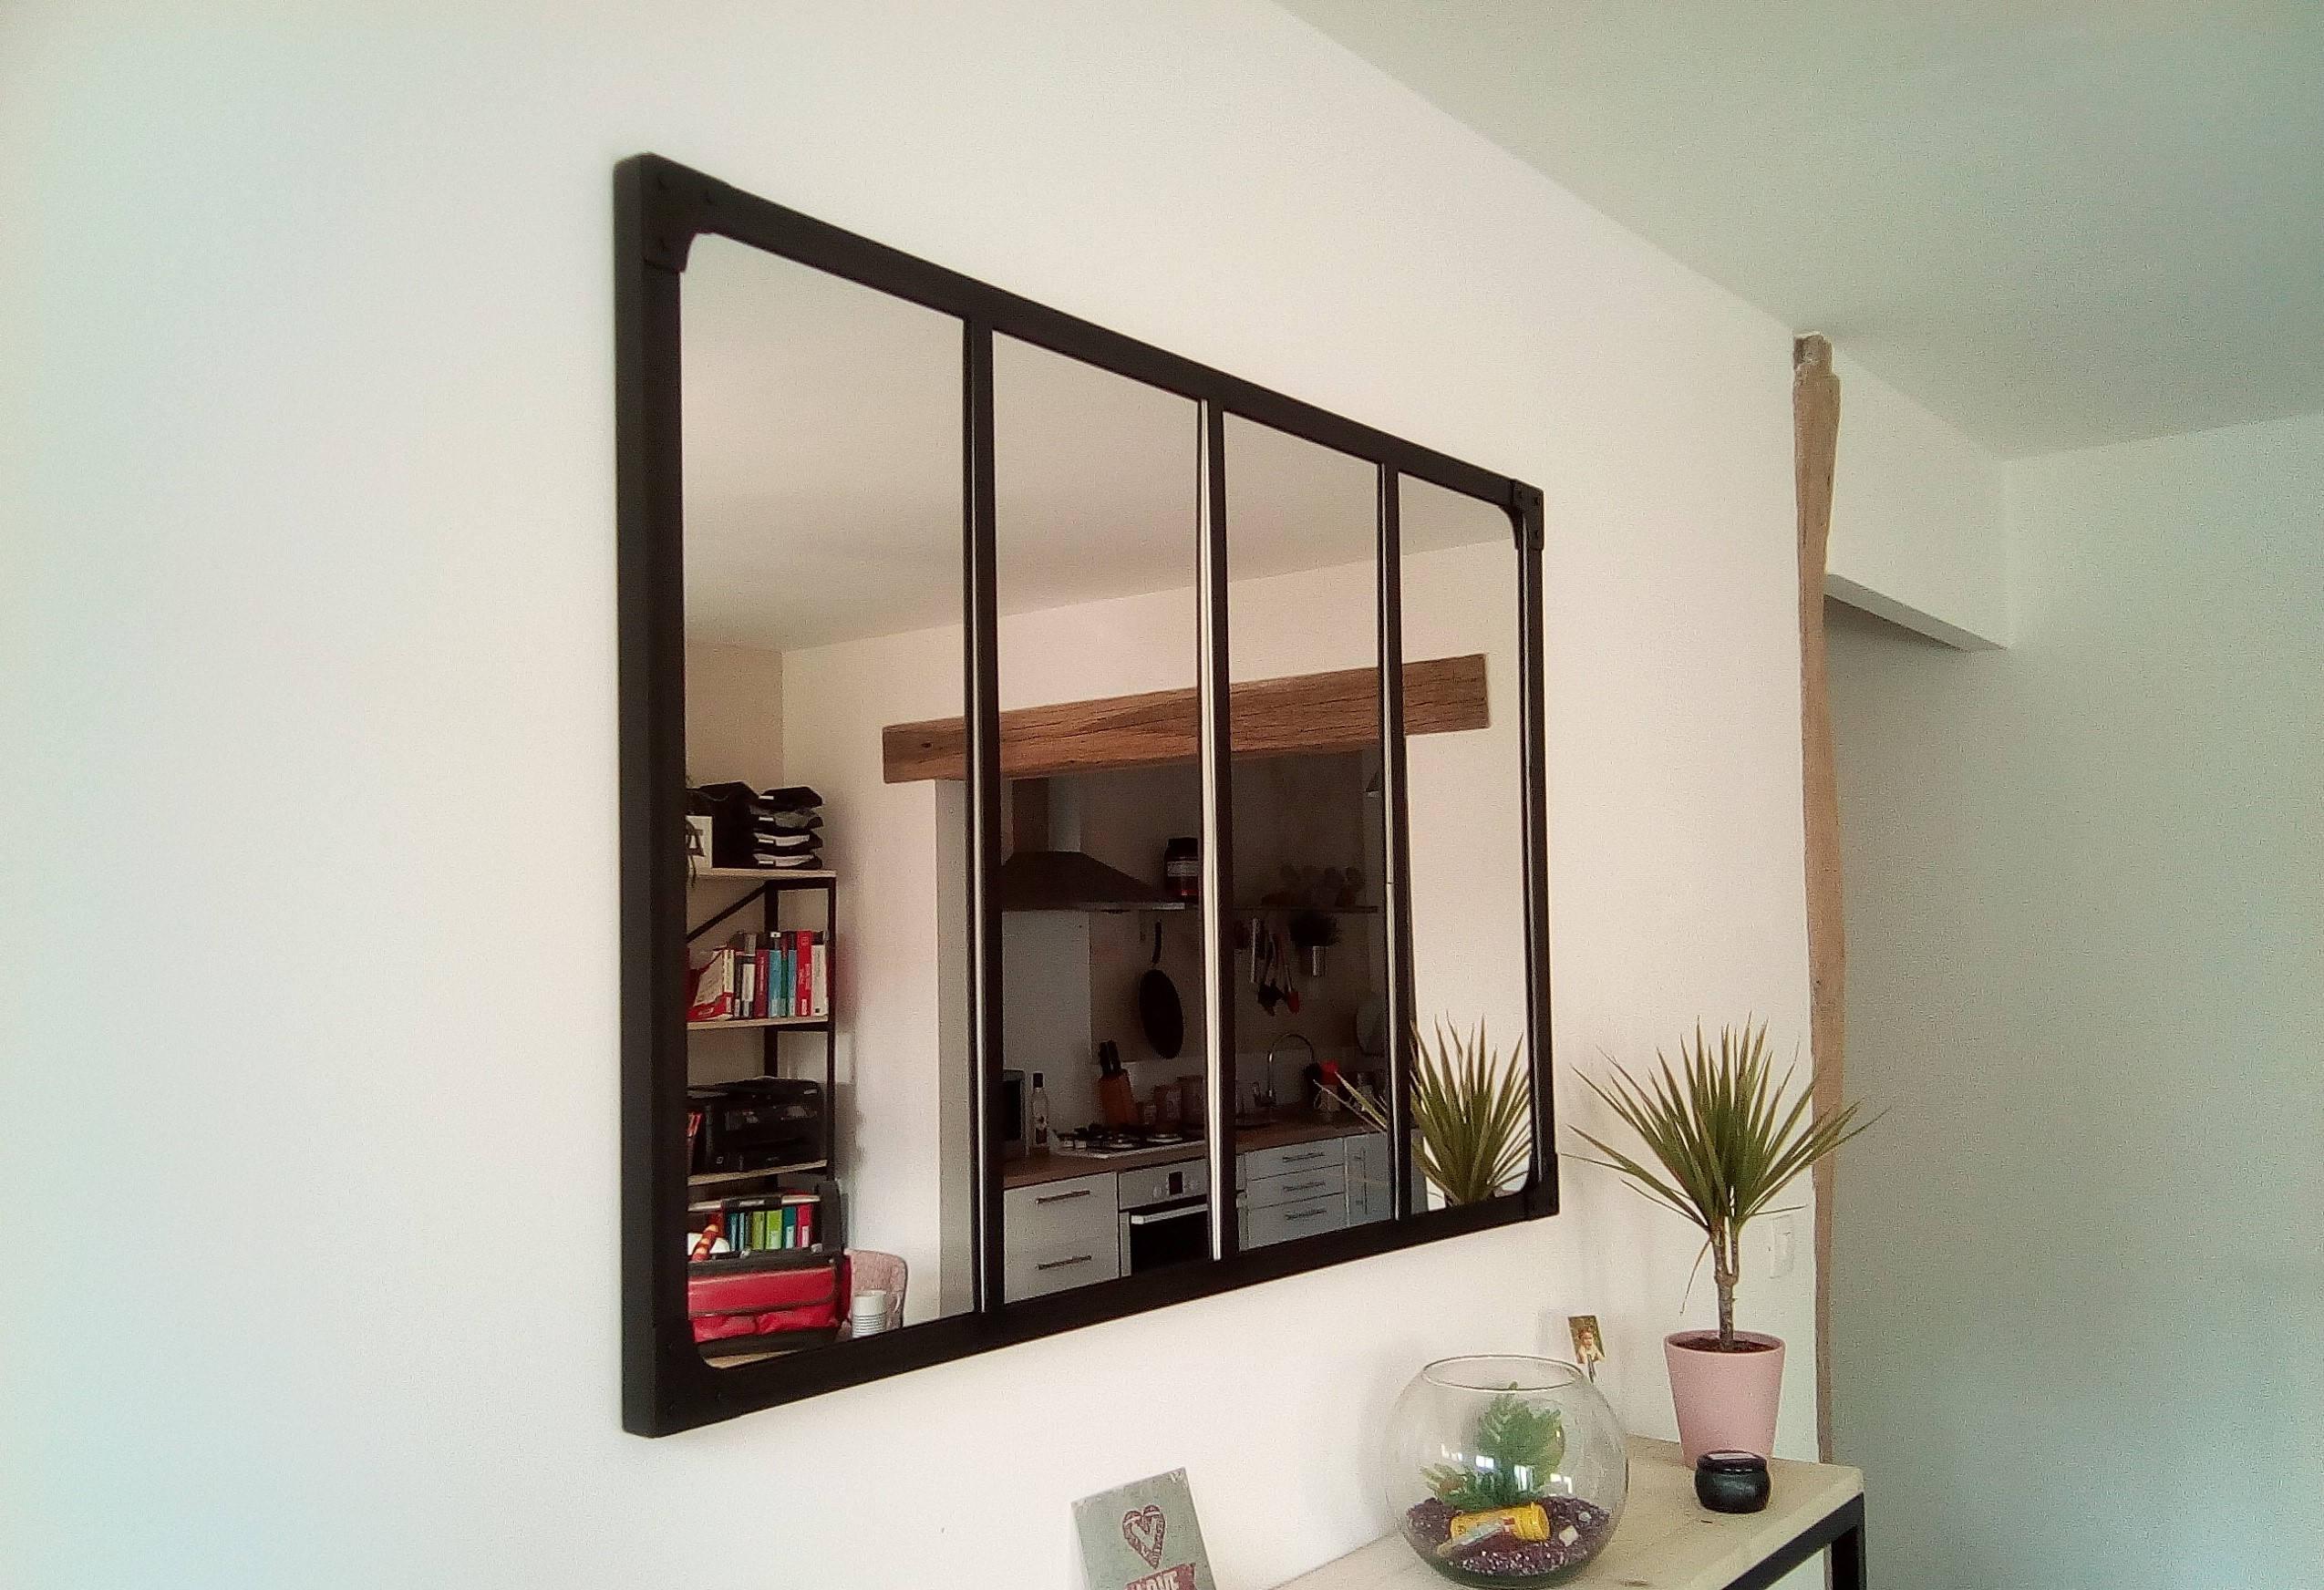 Miroir style verri re industrielle 100 x 120 cm etsy Miroir imitation verriere